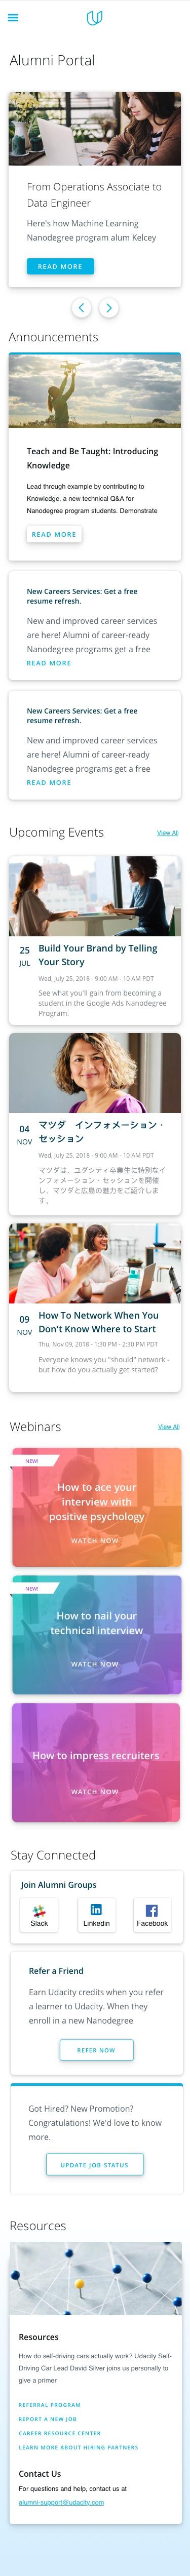 Udacity_alumni_mobile